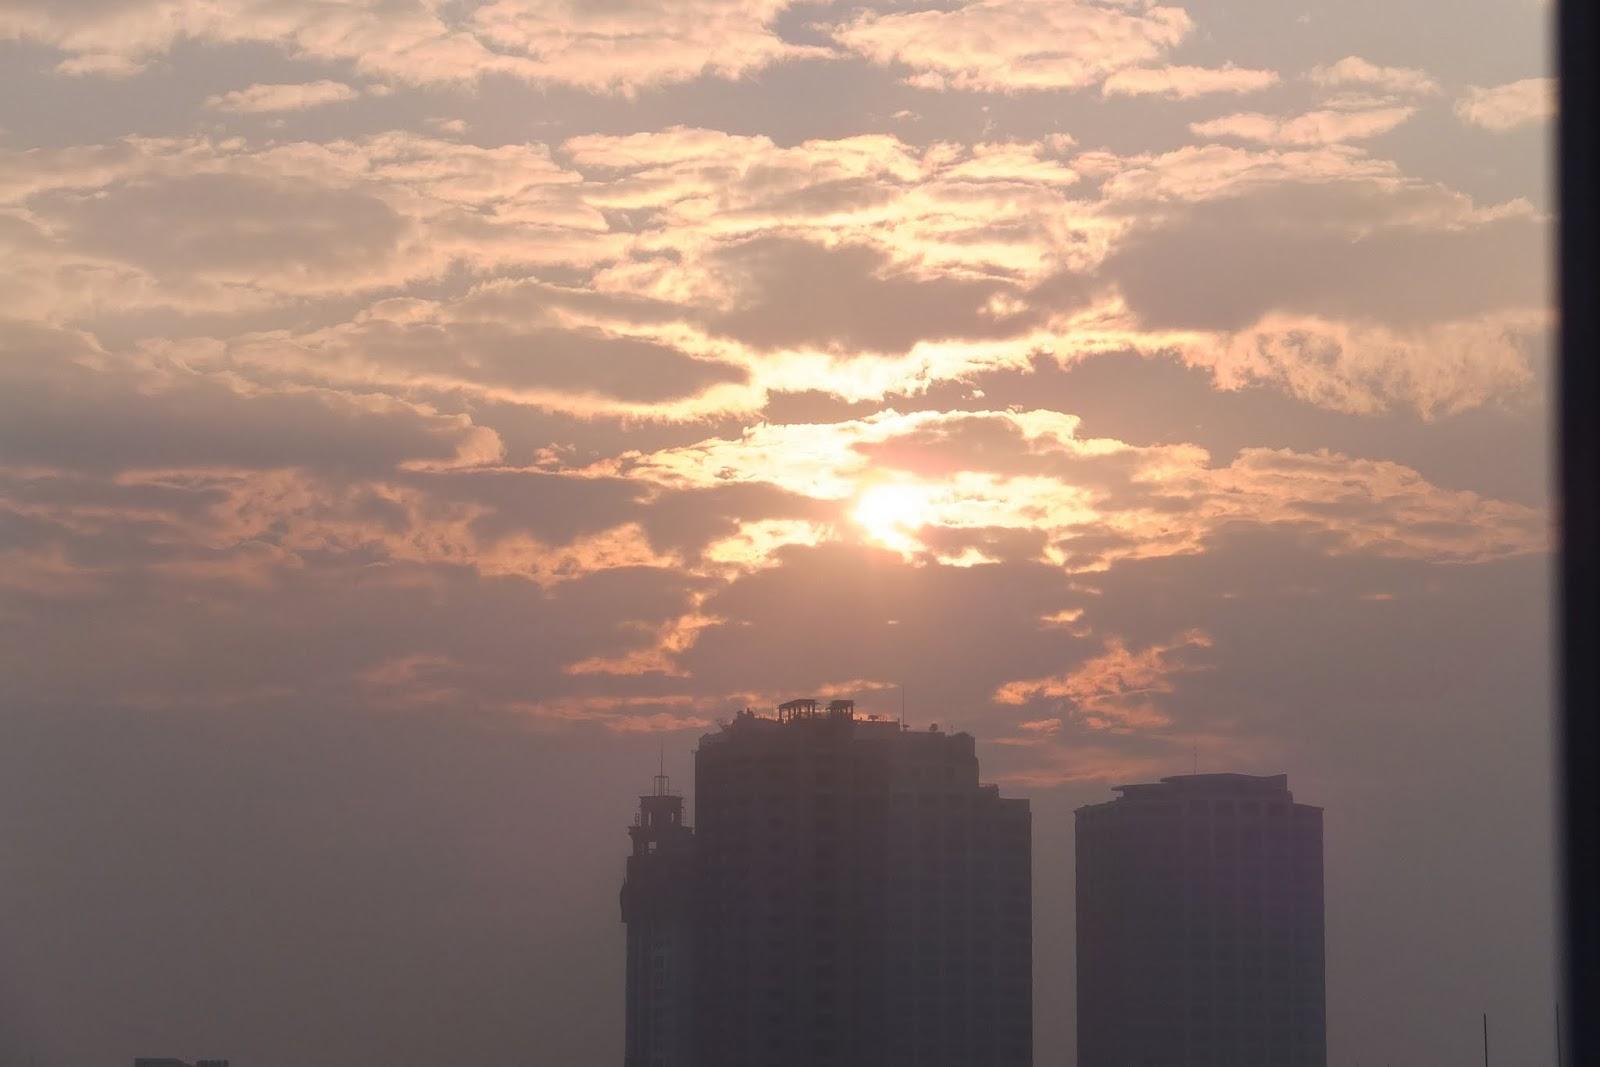 sunrise-hanoi ハノイの夜明け